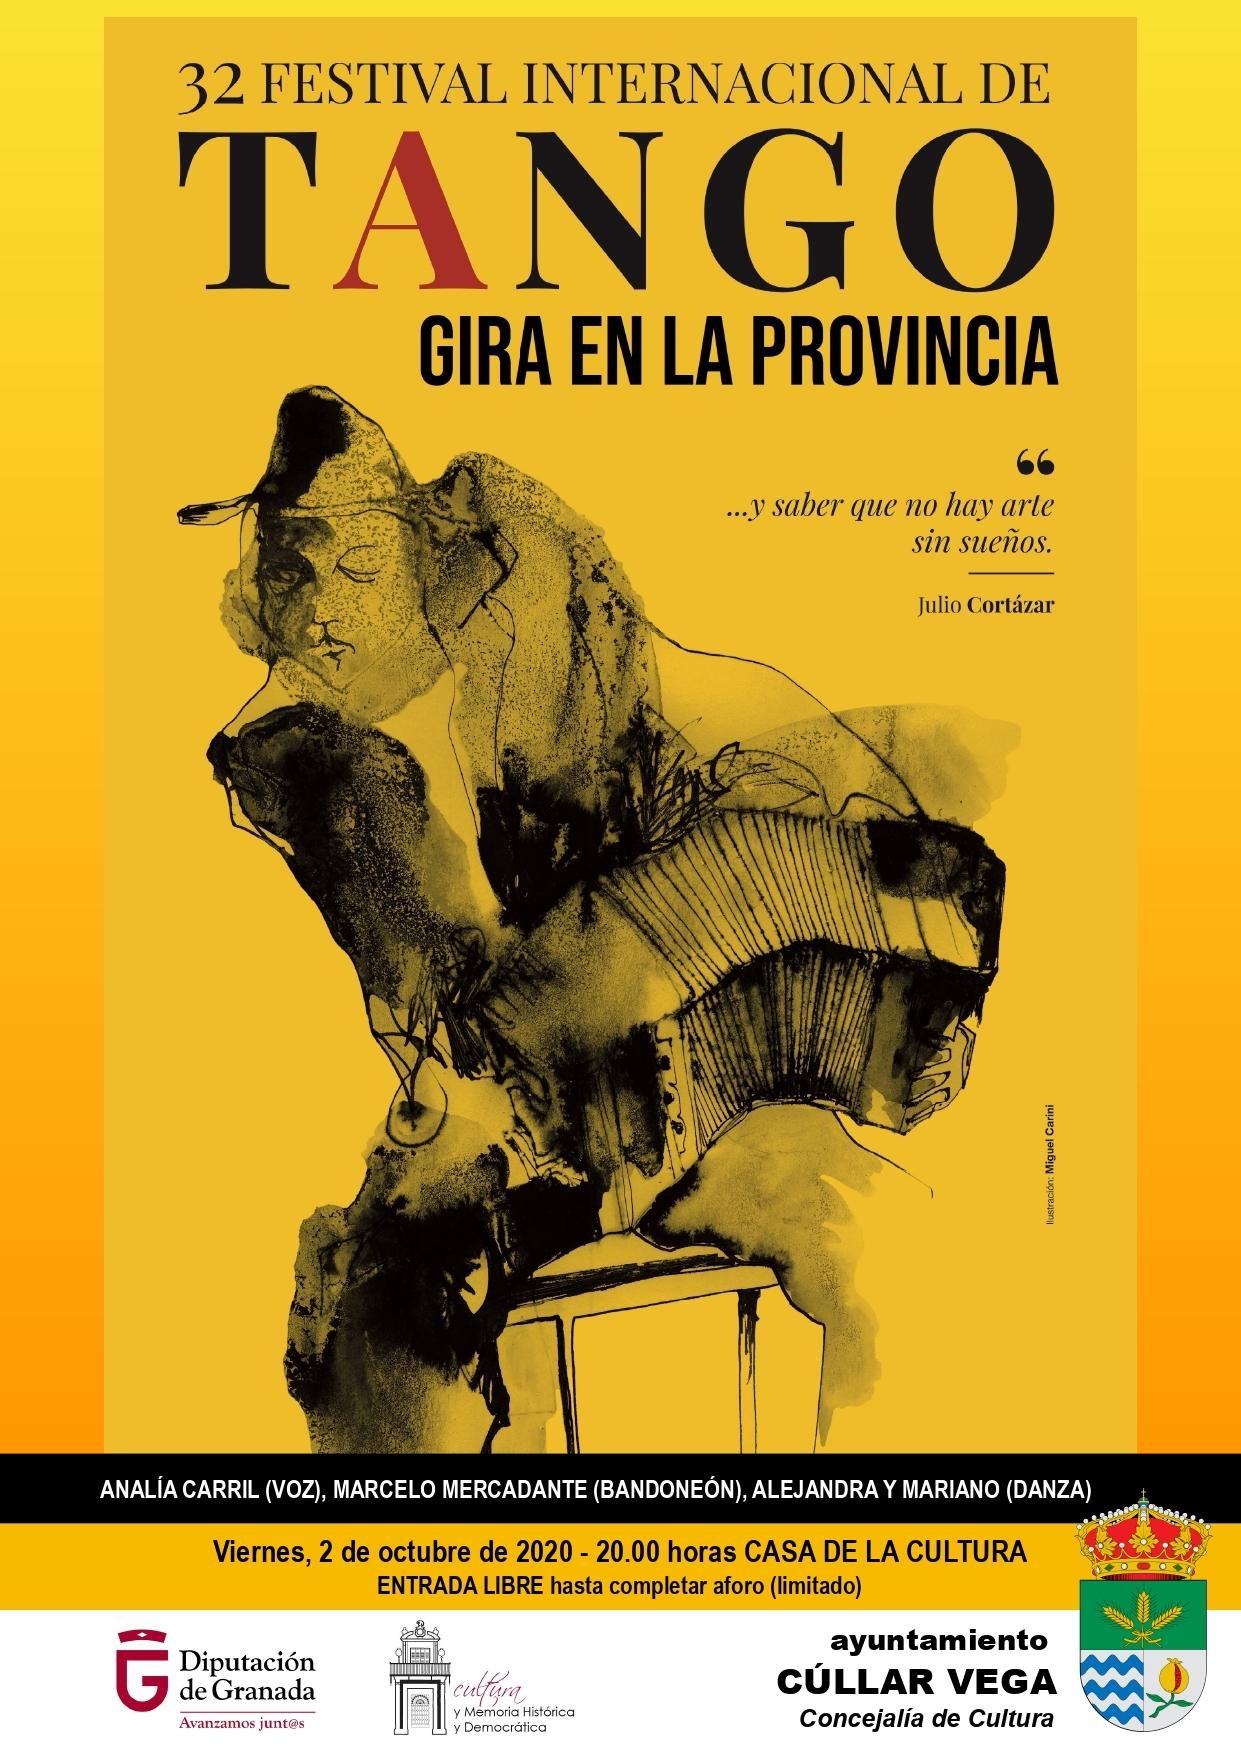 Extensión del 32 Festival Internacional de Tango en Cúllar Vega